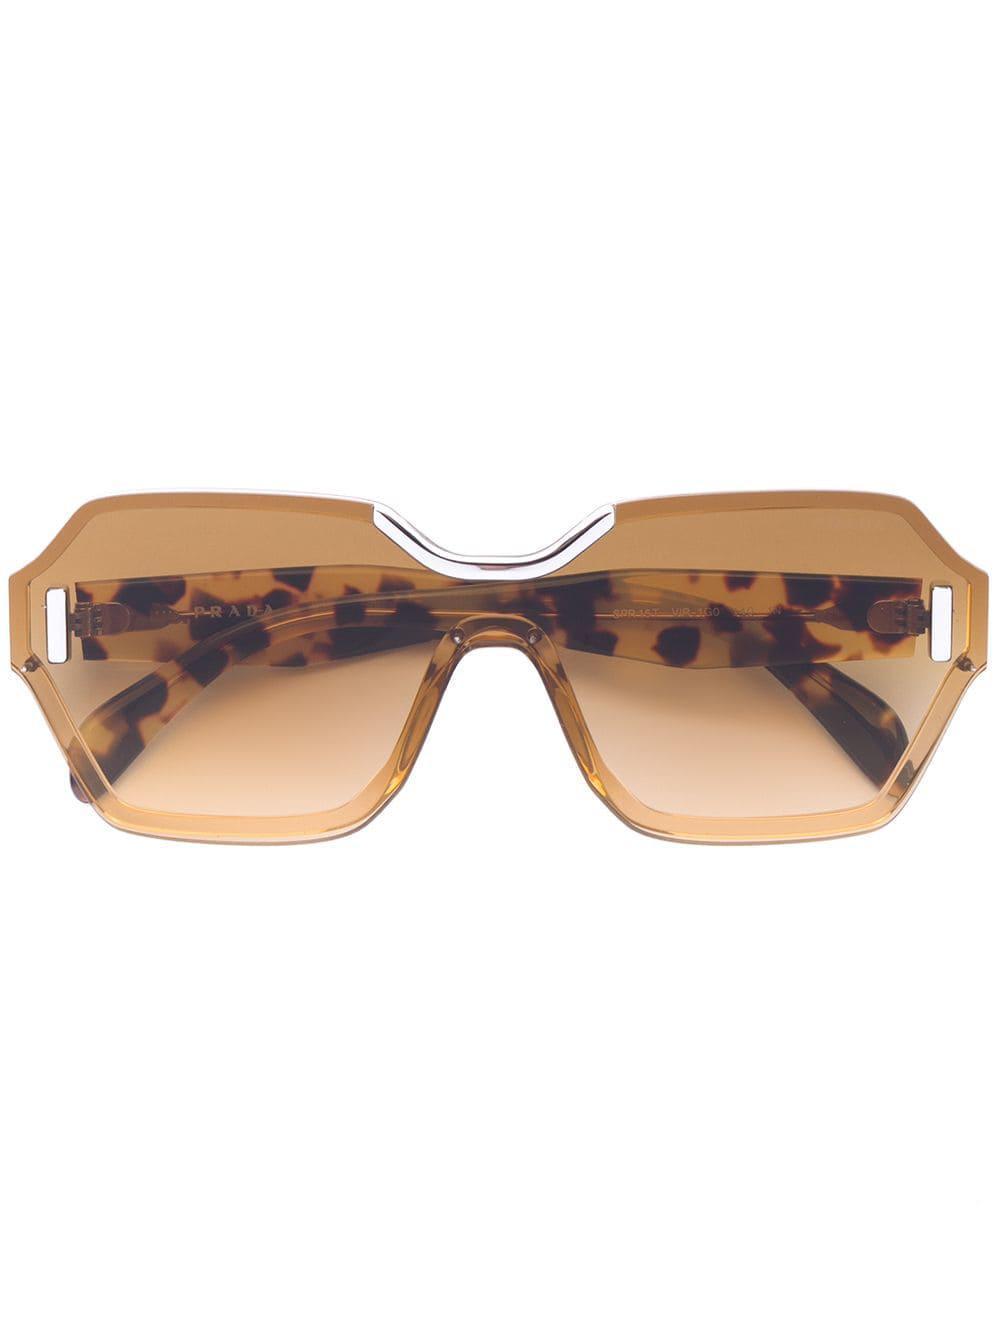 fcb19428a029 Prada Square Frame Sunglasses - Lyst